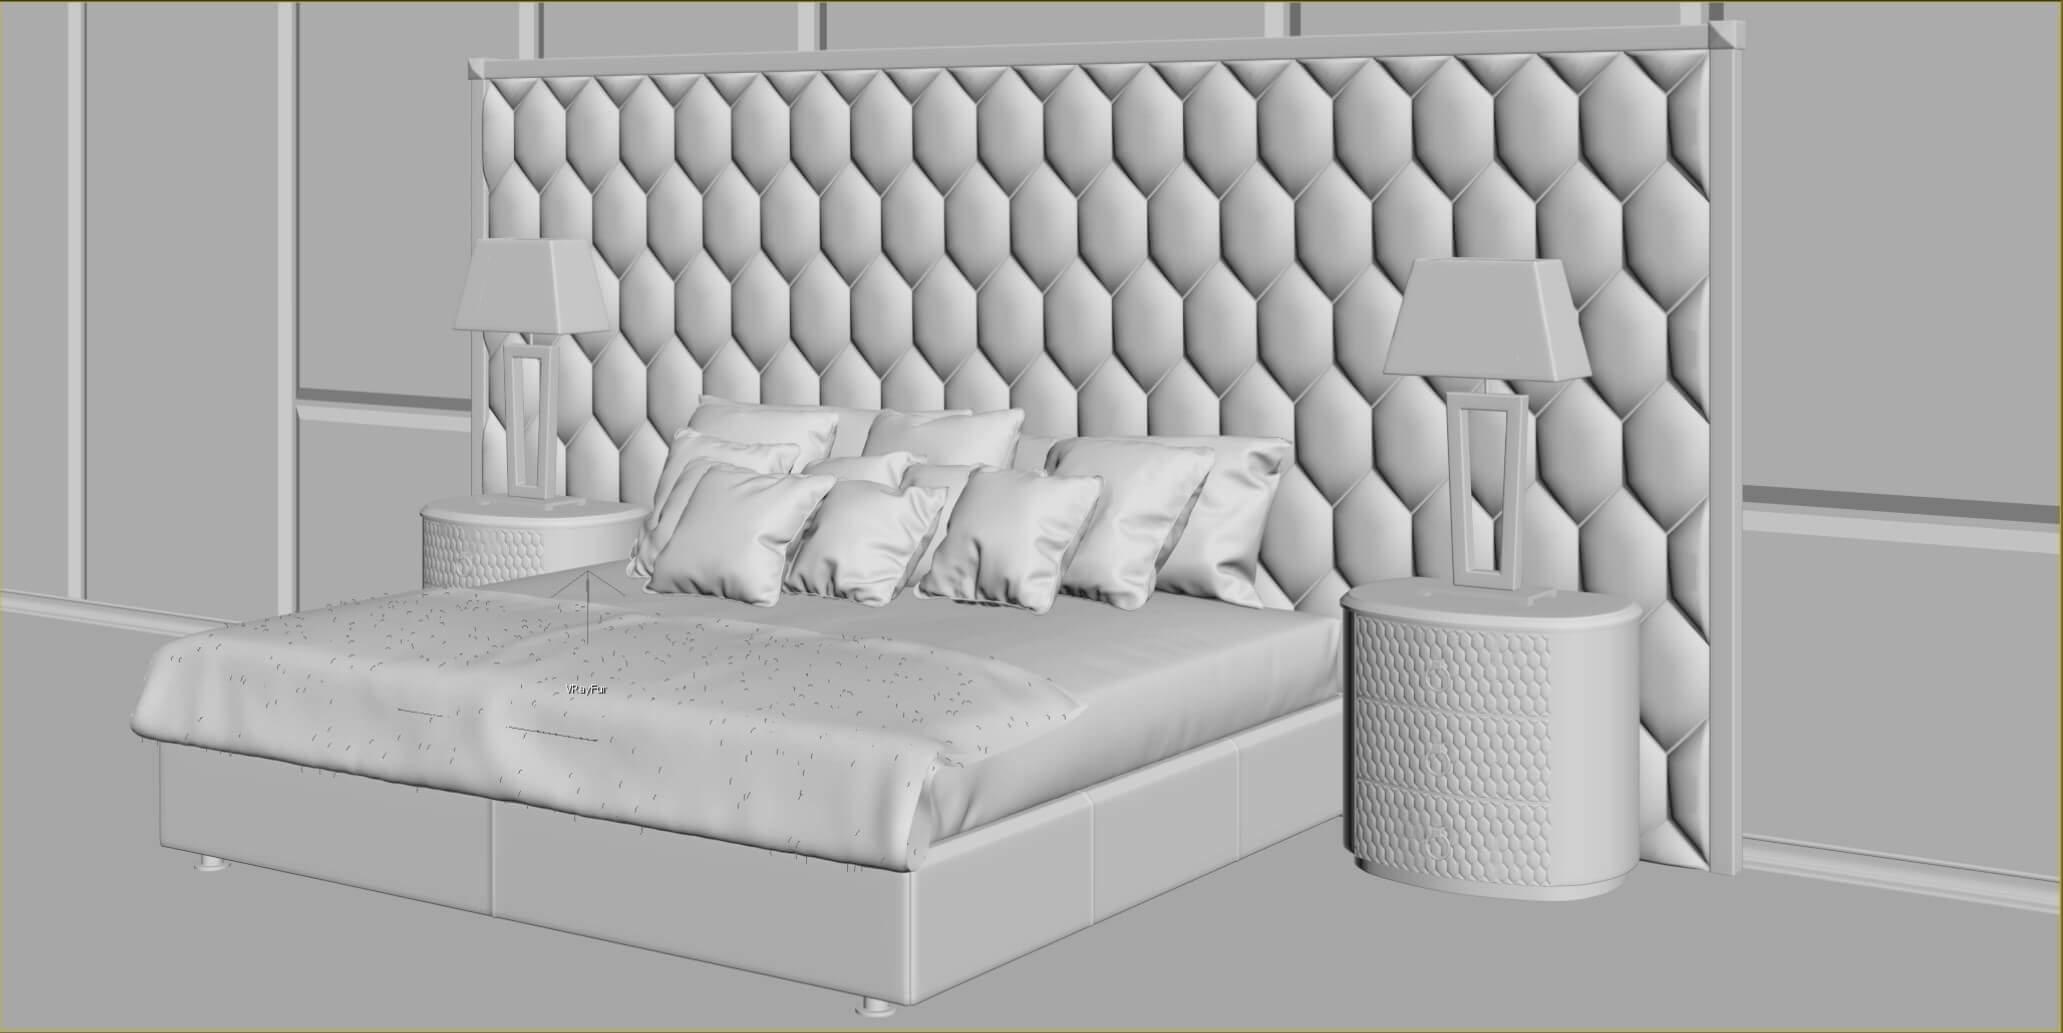 3d моделирование кровати DV home Envy Maxi, прикроватной тумбы Charlotte, настольной лампы Ritz в 3dsMax, Marvelous Designer